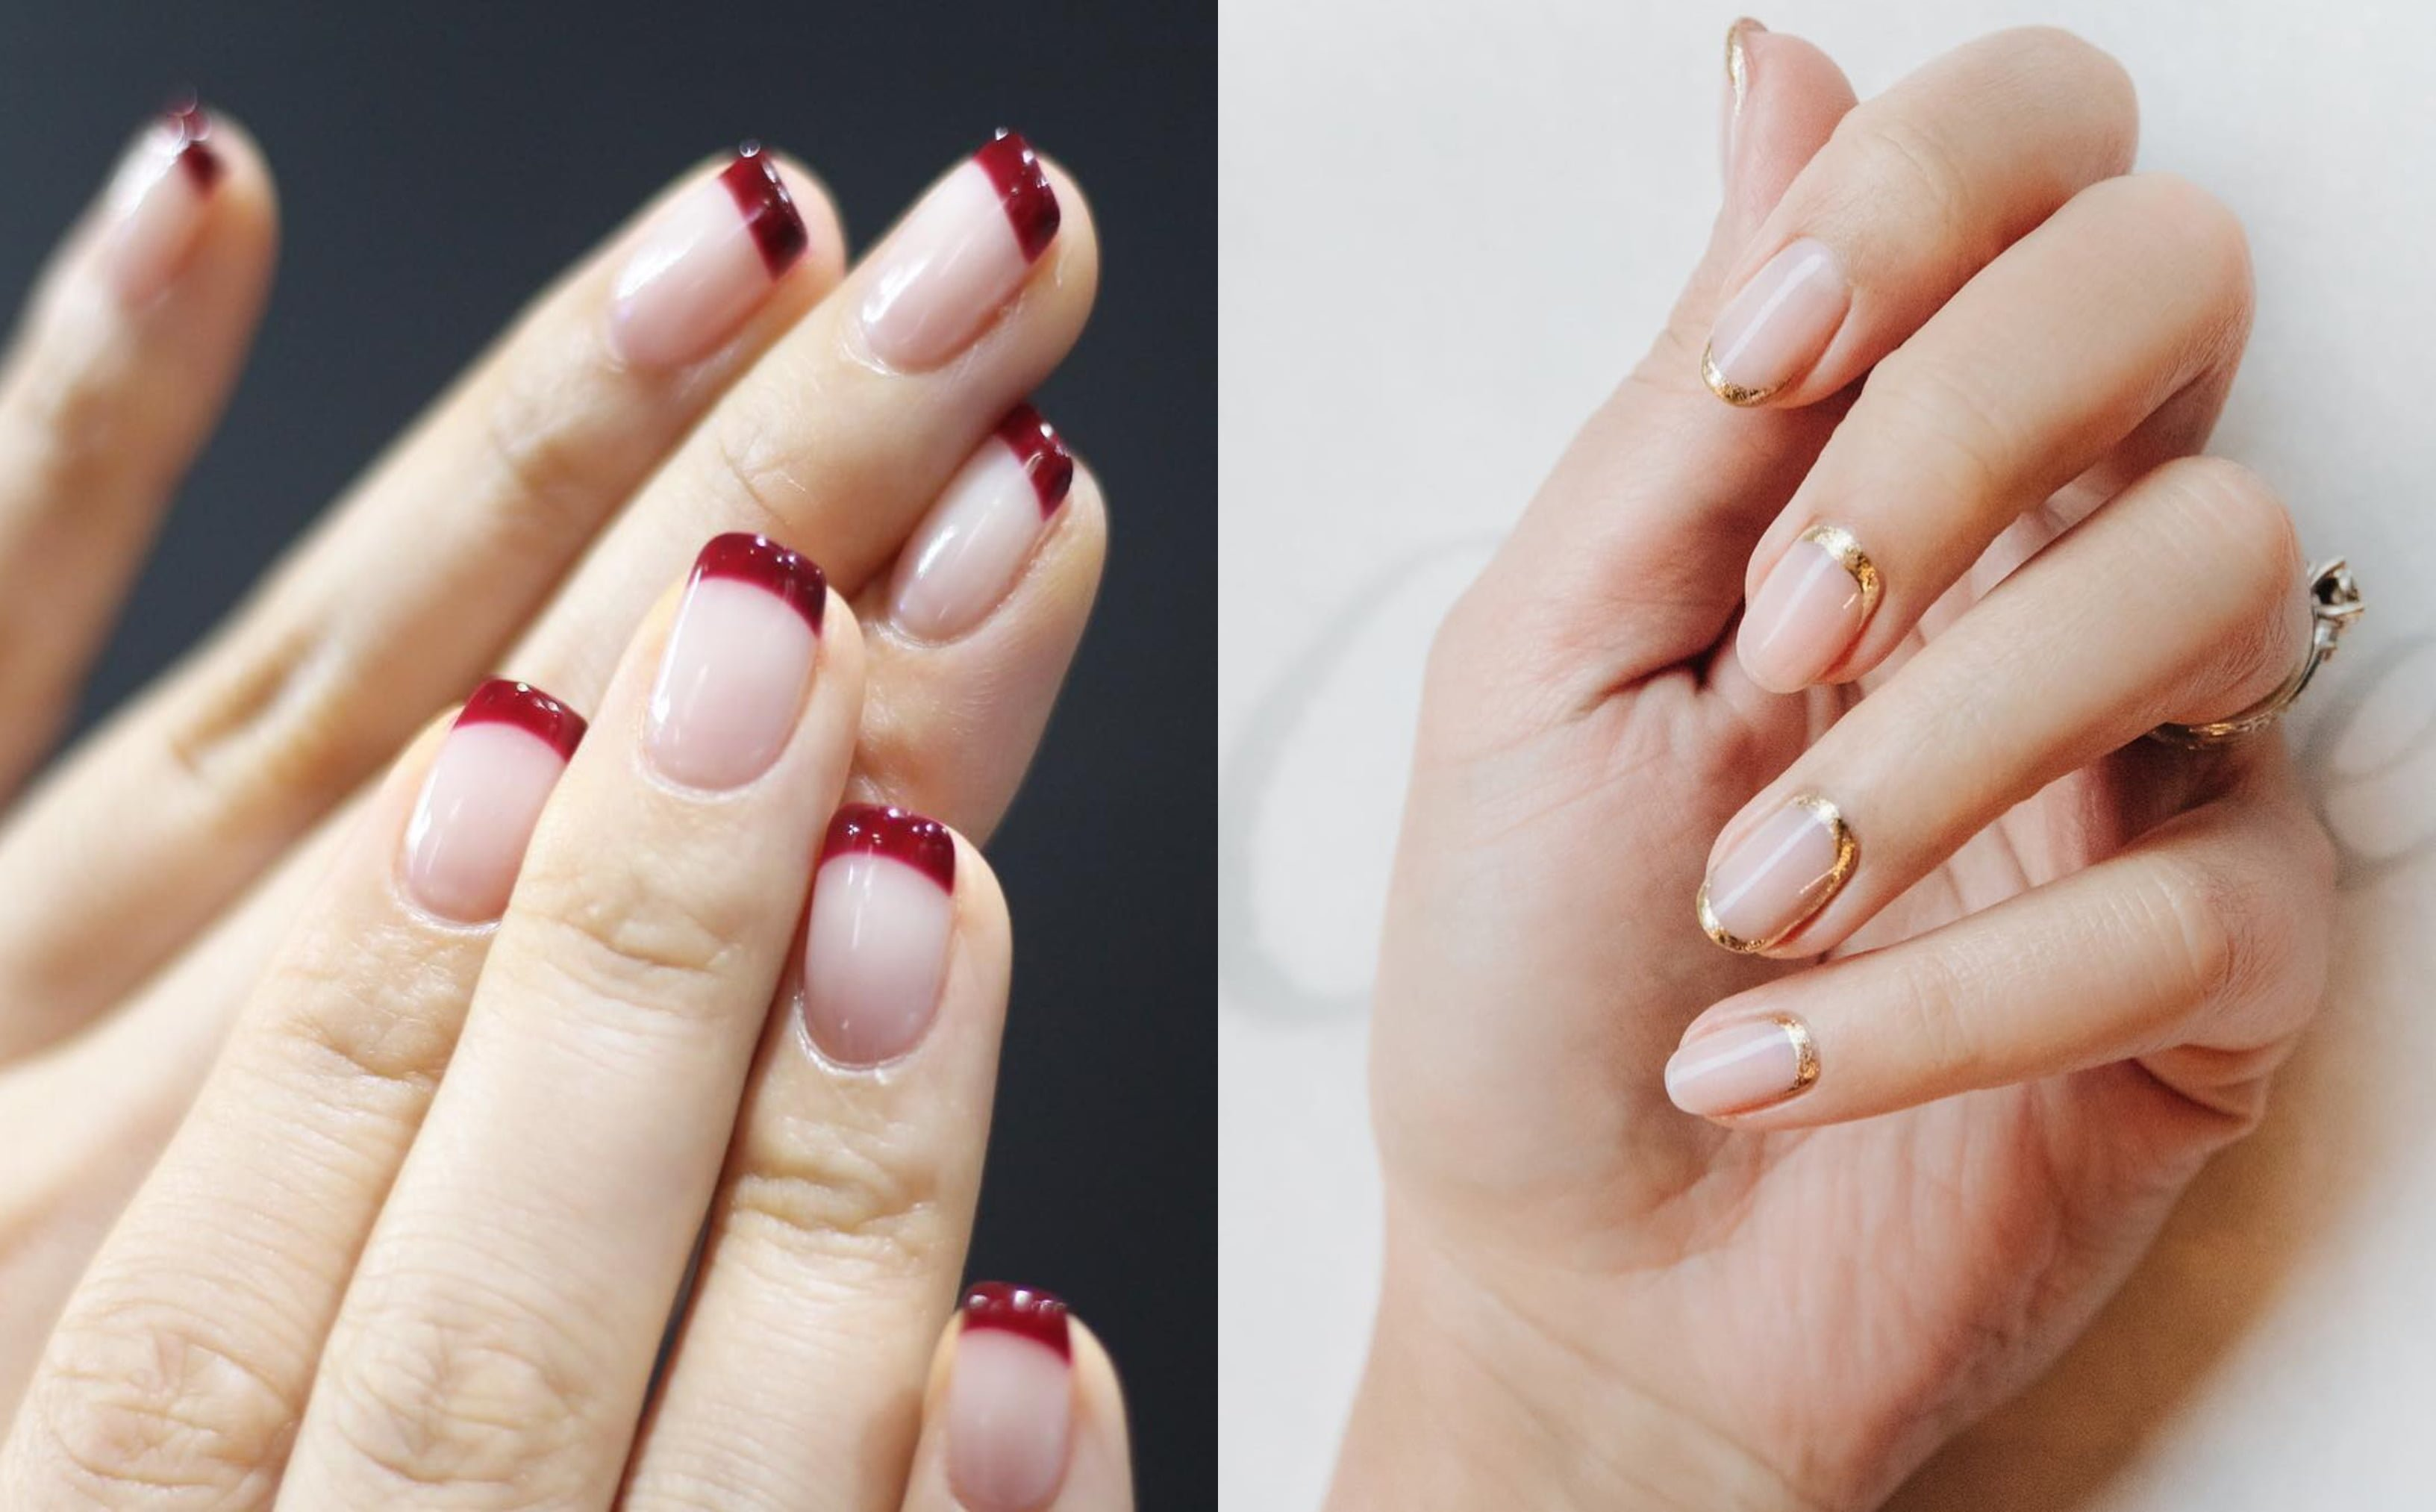 Ova vrsta francuske manikure izgleda jako poželjno na noktima